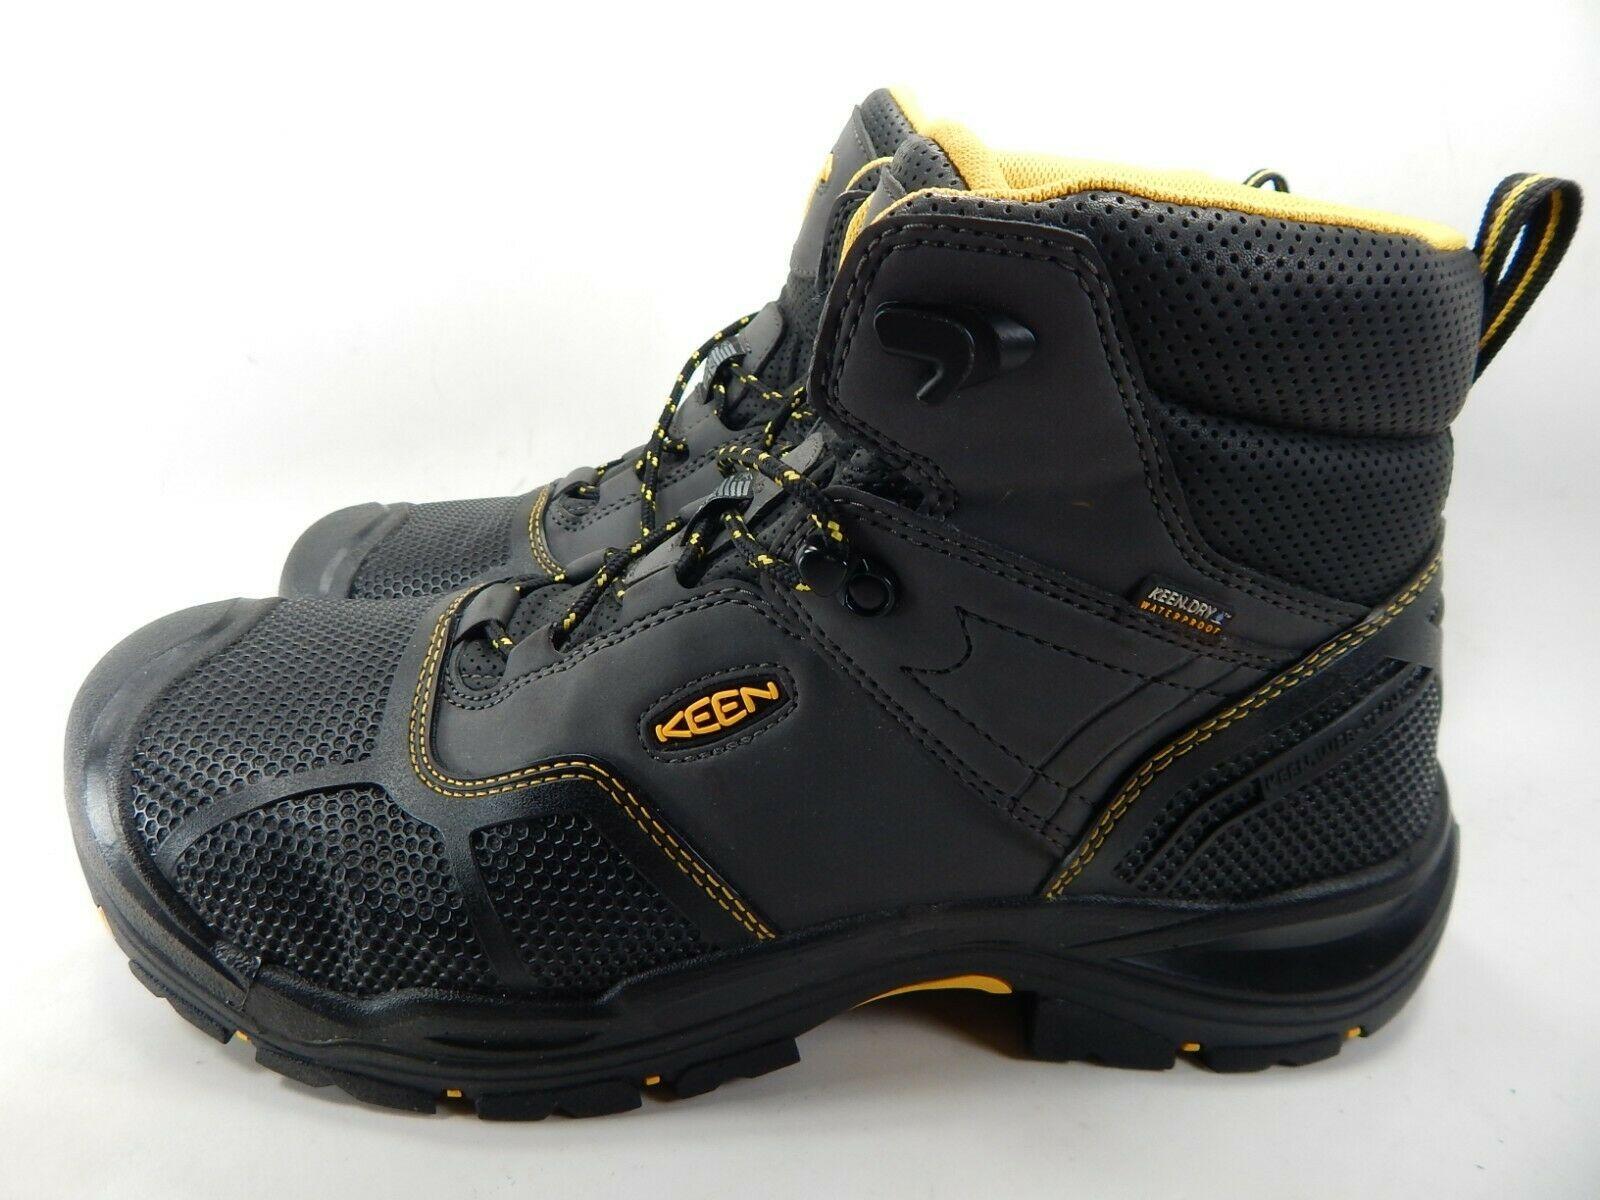 MISMATCH Keen Logandale Size 14 M (D) Left & 13 M (D) Right Men's WP Work Boots